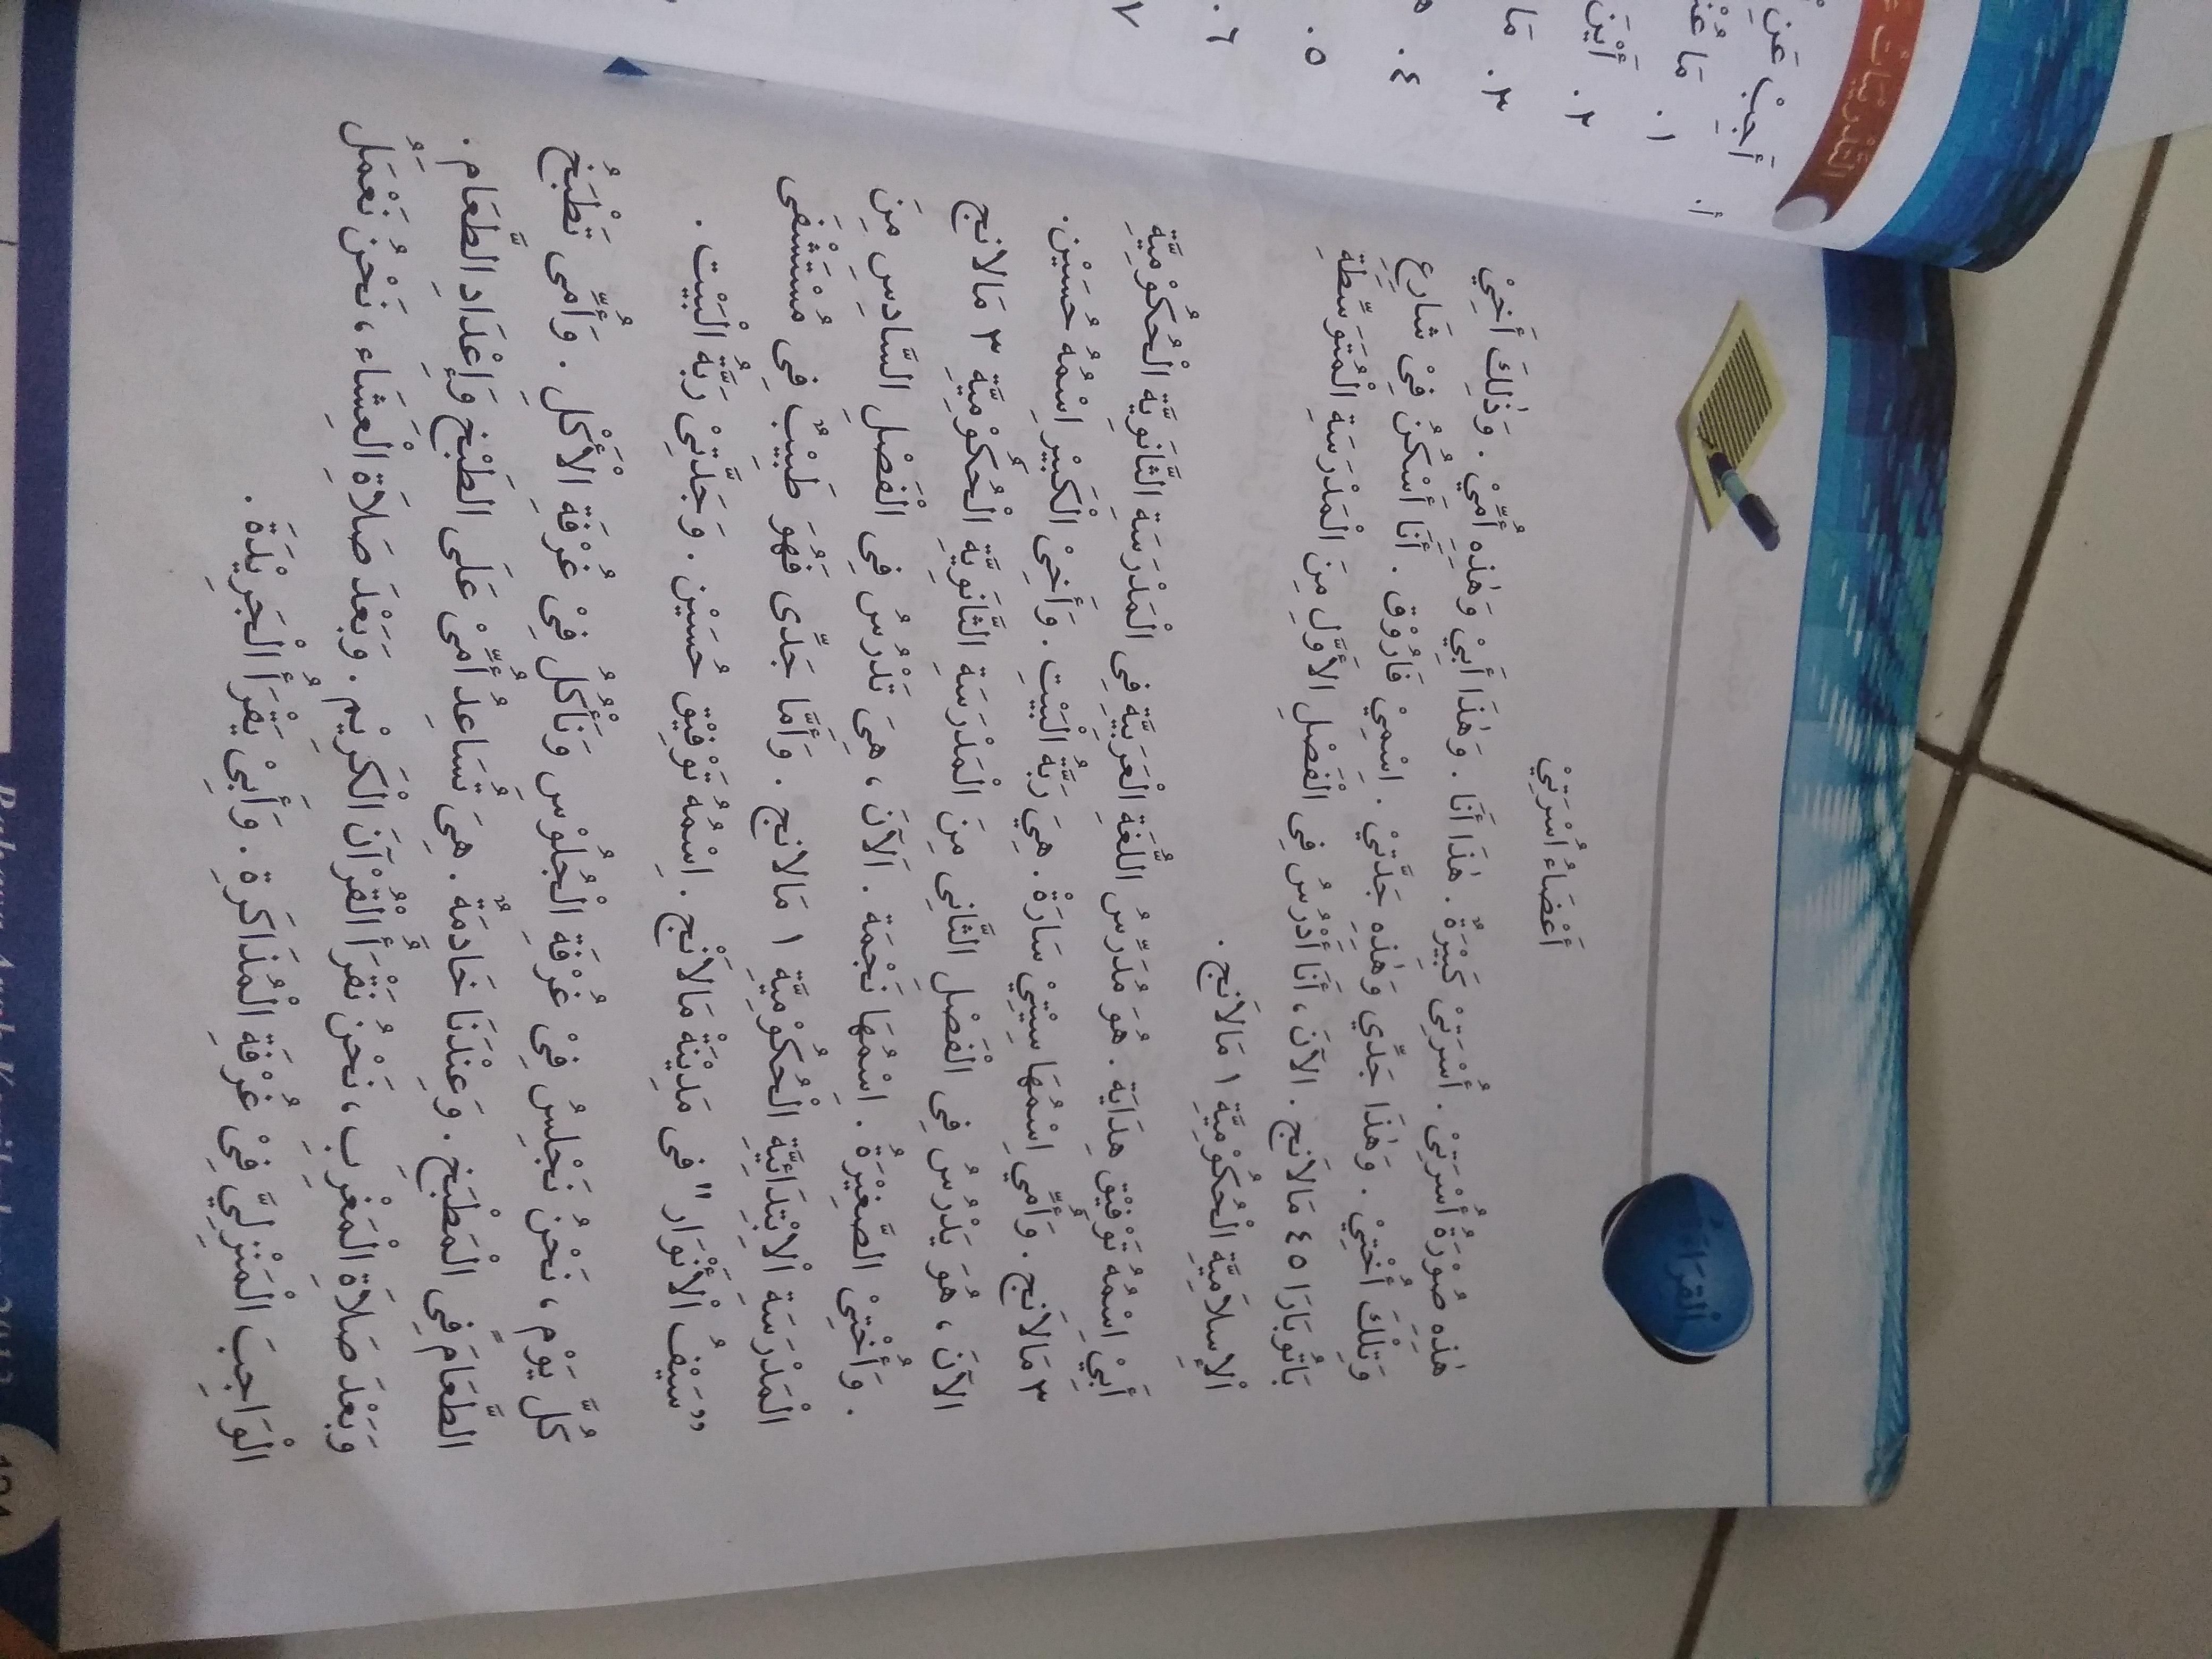 Tolong Arti Kan Buku Bahasa Arab Kelas 7 Halaman 124 Tolong Bantu Yaa Brainly Co Id